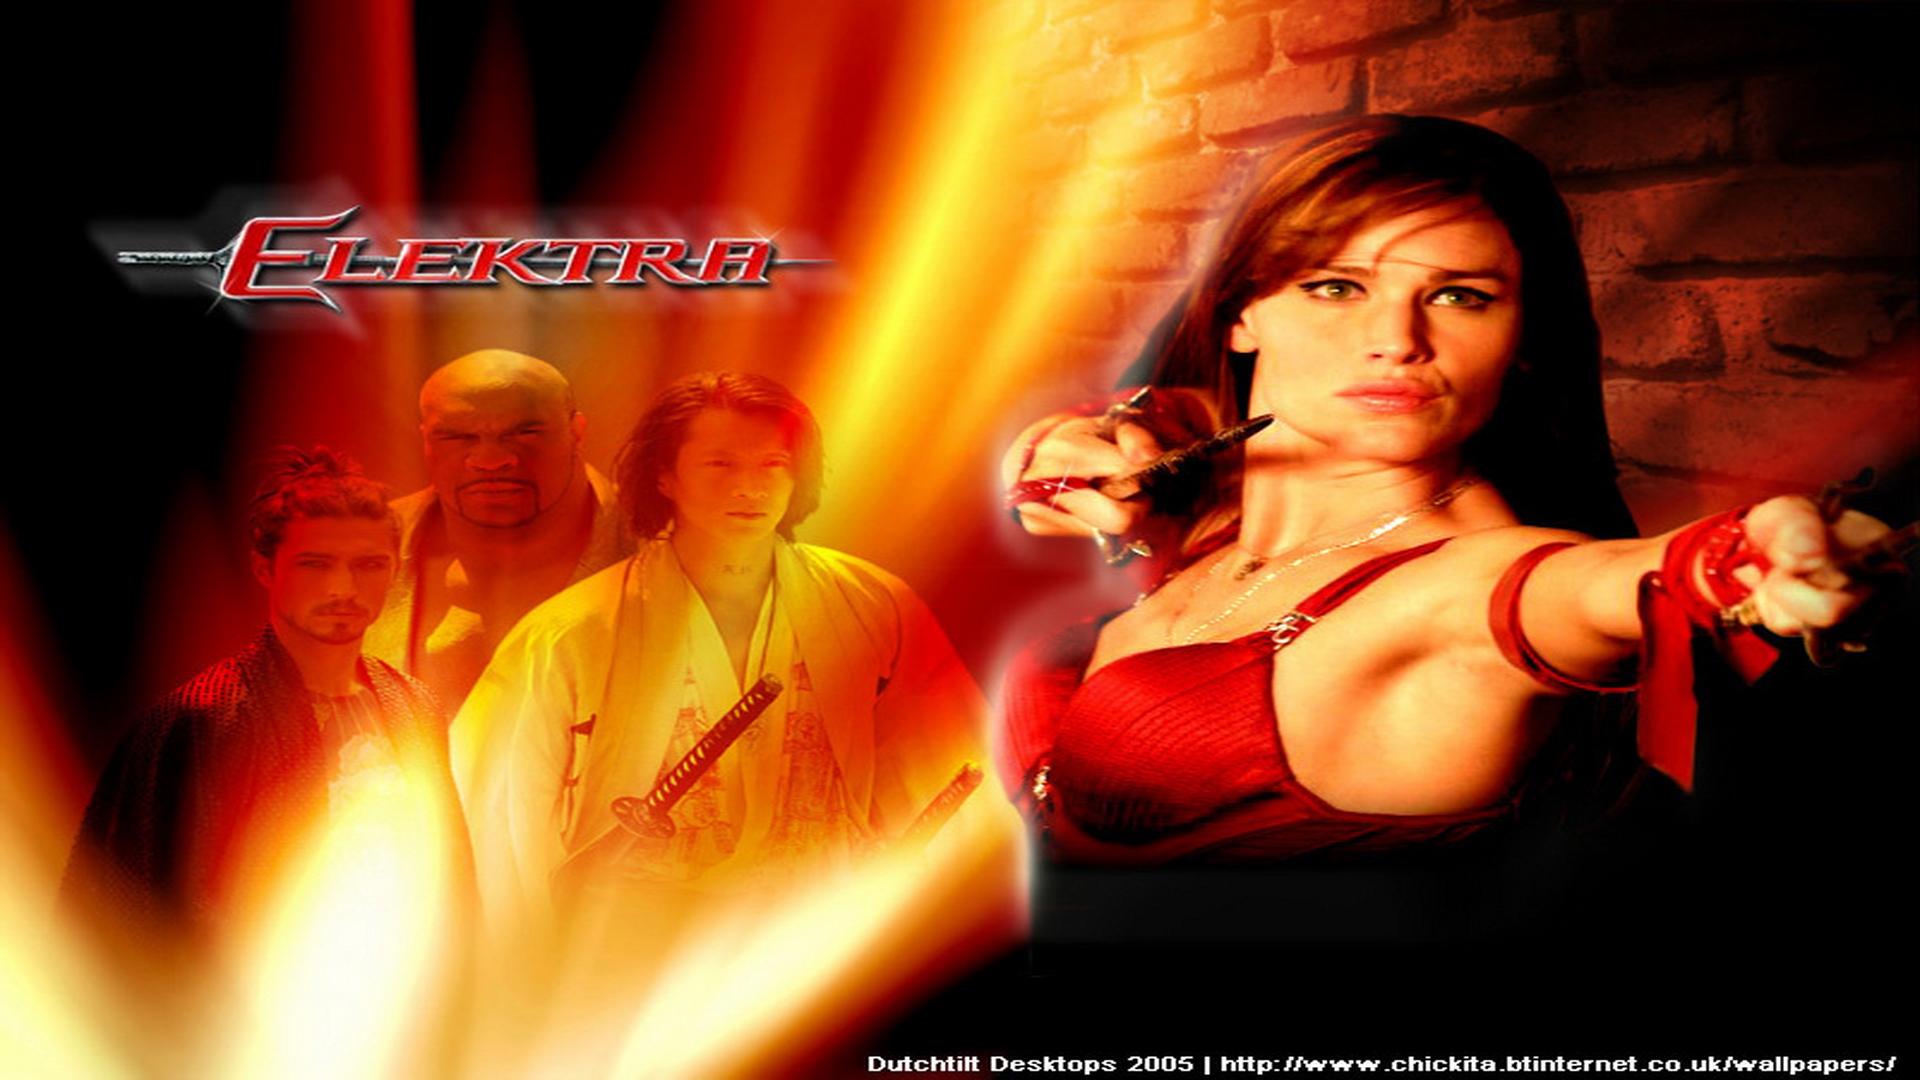 Virtual chickita sex film